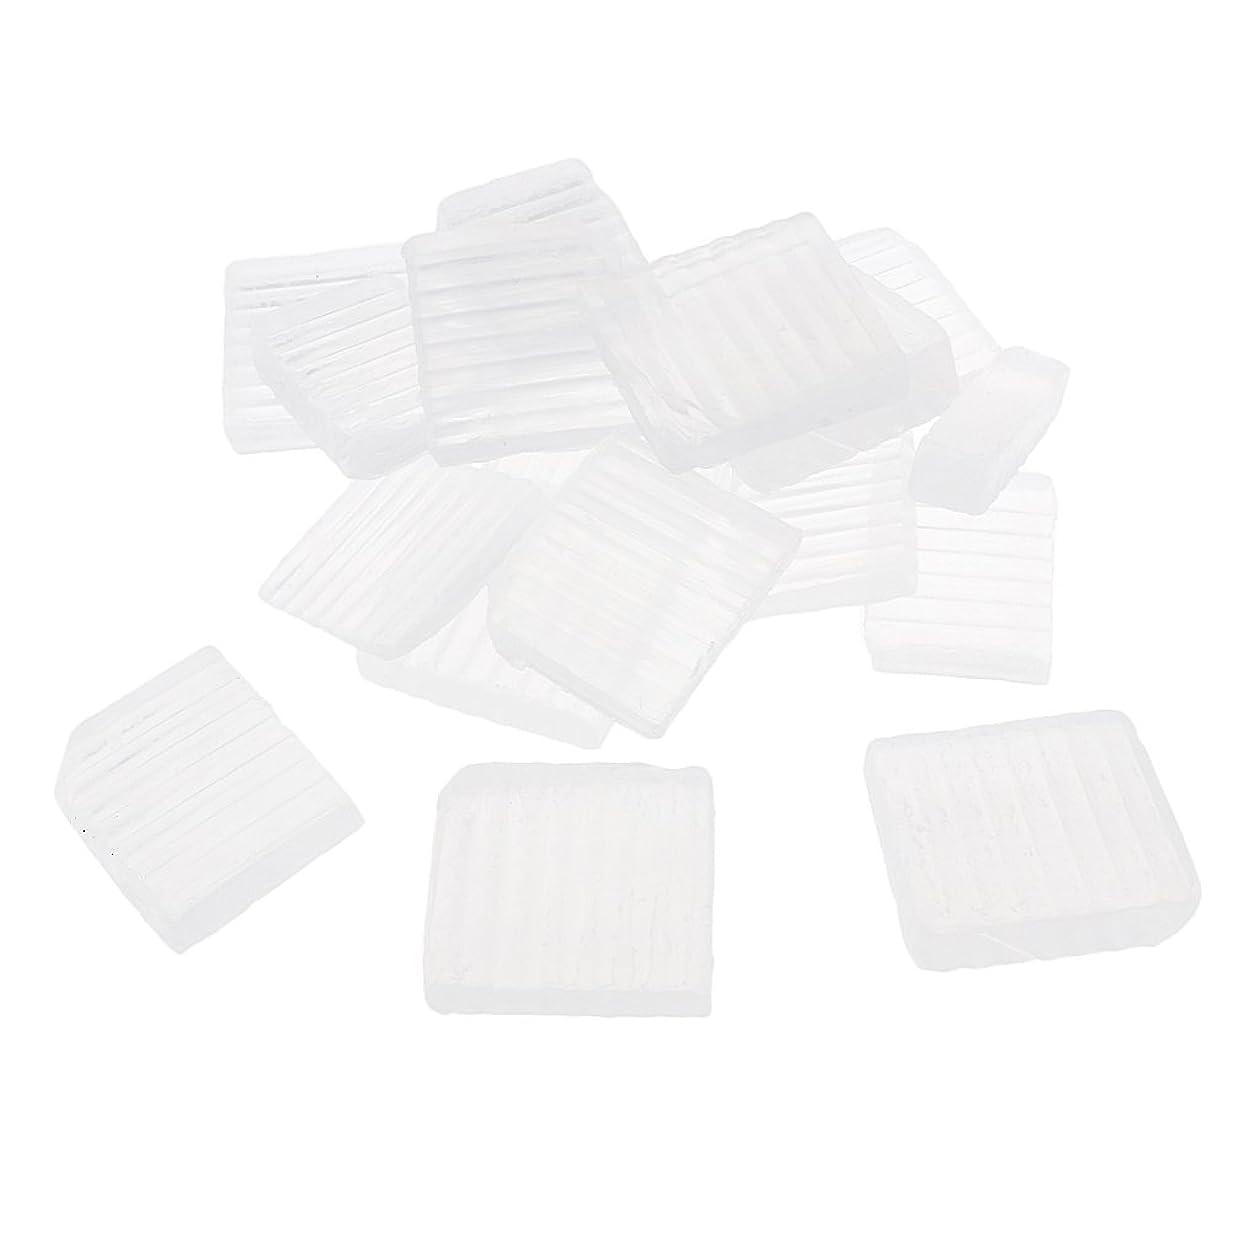 ロケットパキスタン人アレルギー性P Prettyia 透明 石鹸ベース DIY 手作り 石鹸 材料 約1 KG DIYギフト